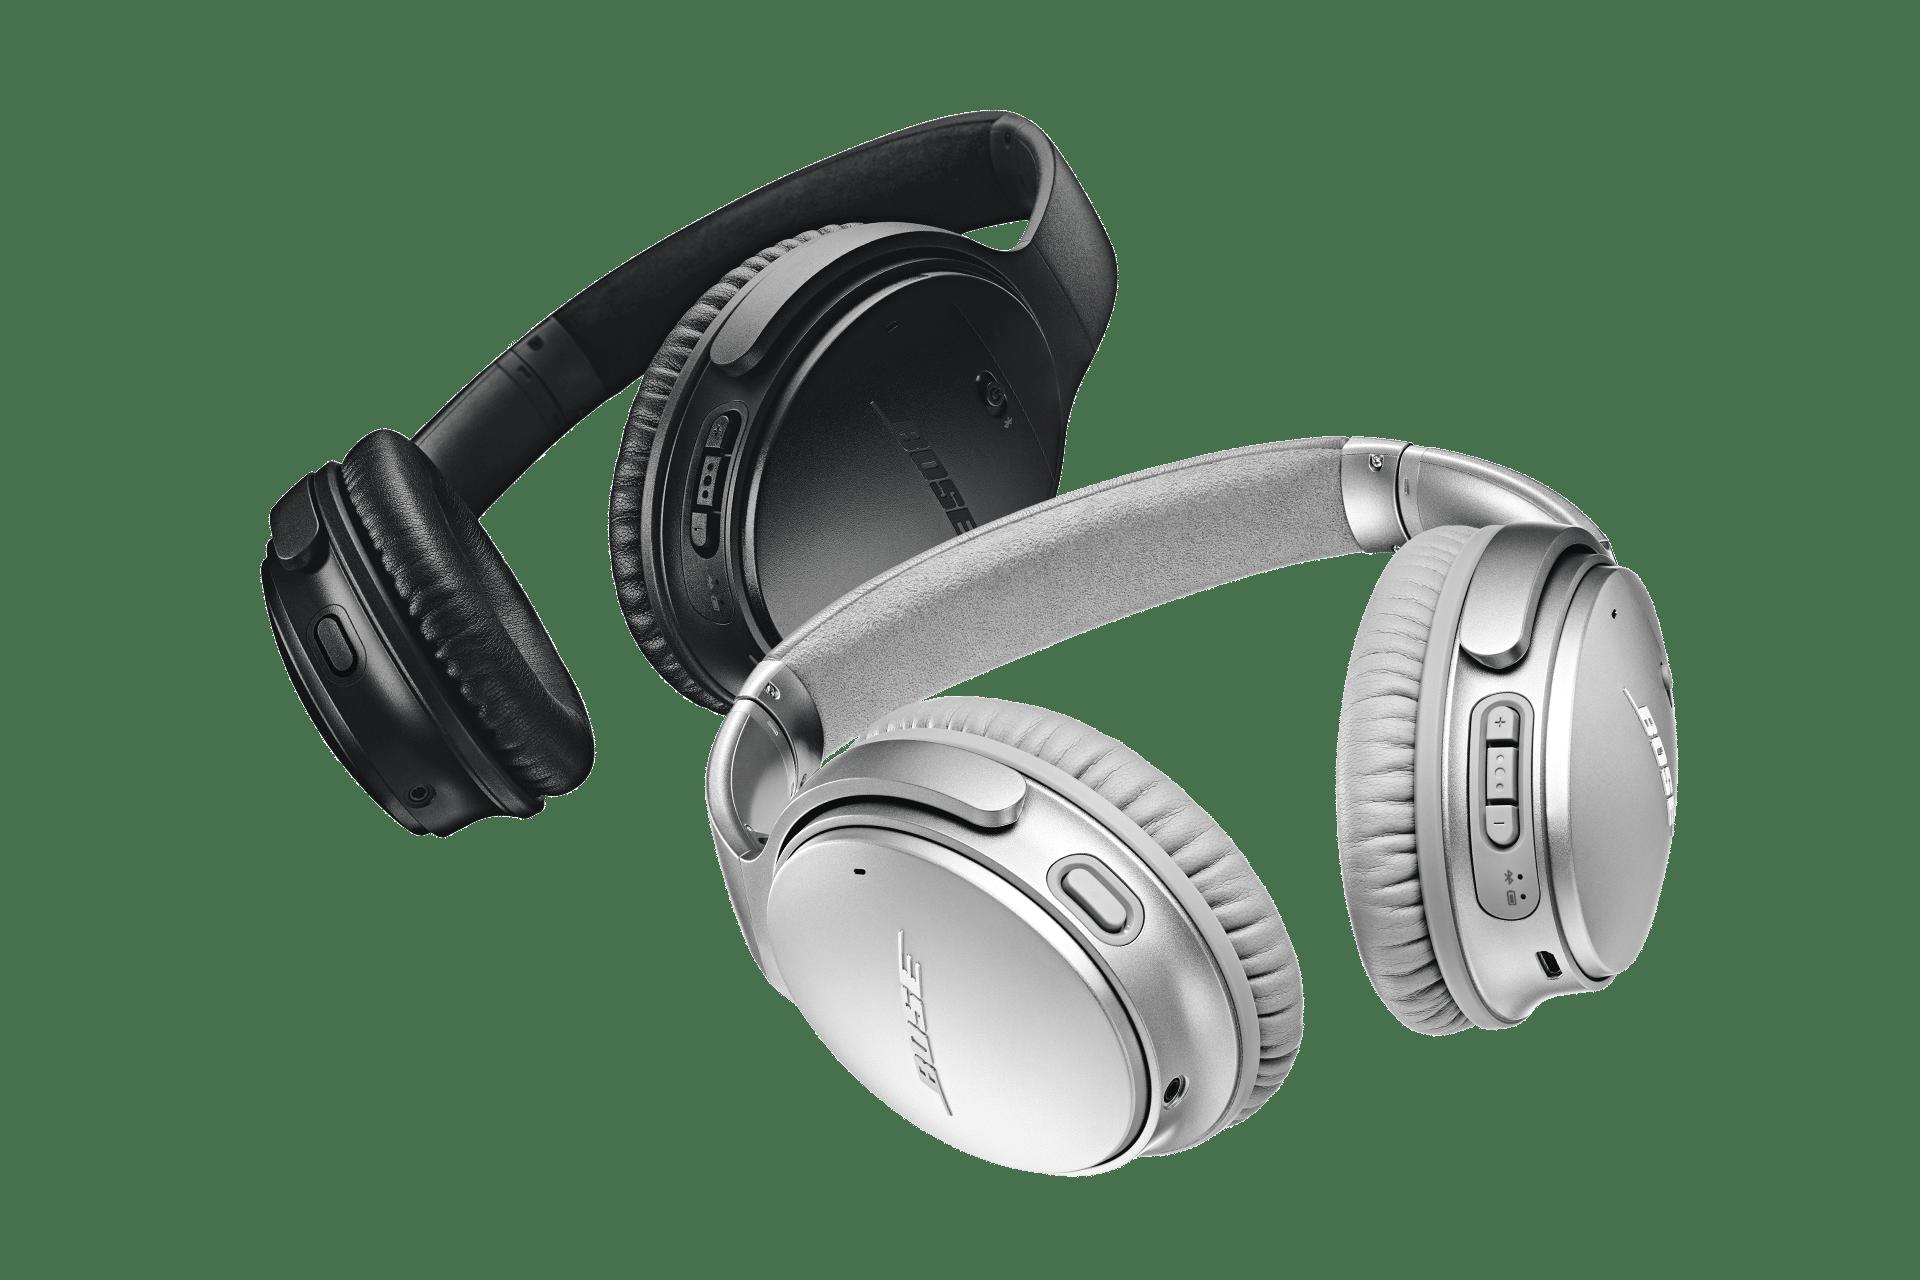 Bose QC 35 wireless 2